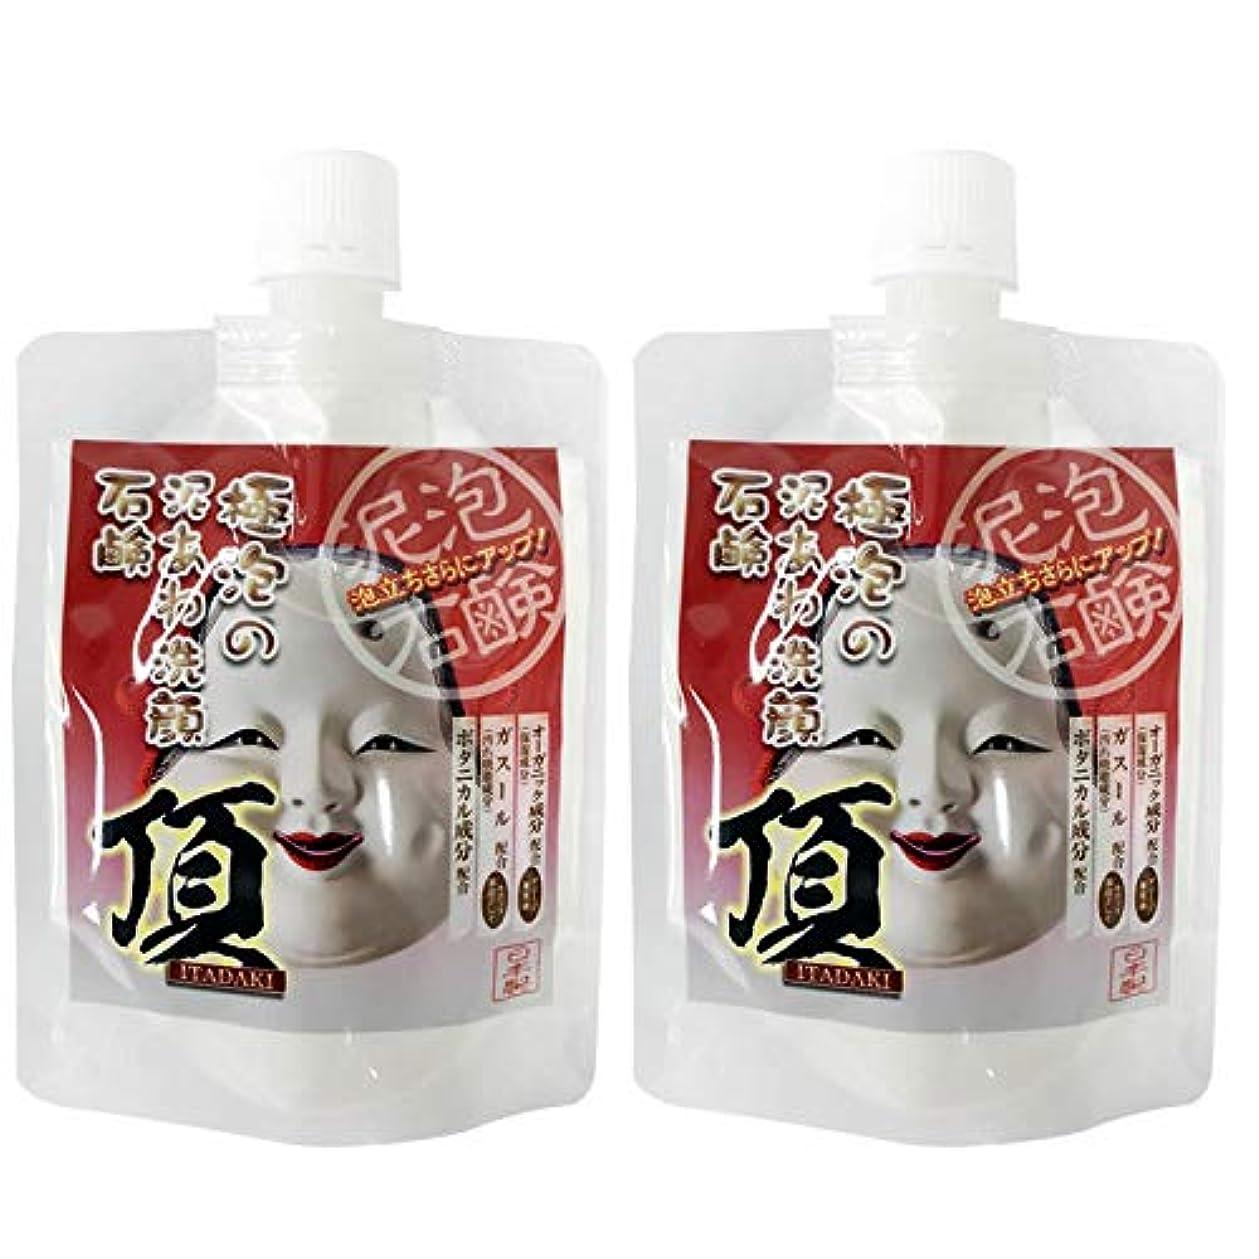 急勾配の叱る当社極泡の泥あわ洗顔石鹸 頂 130g×2 ガスール 豆乳 ボタニカル 酒粕 エキス配合